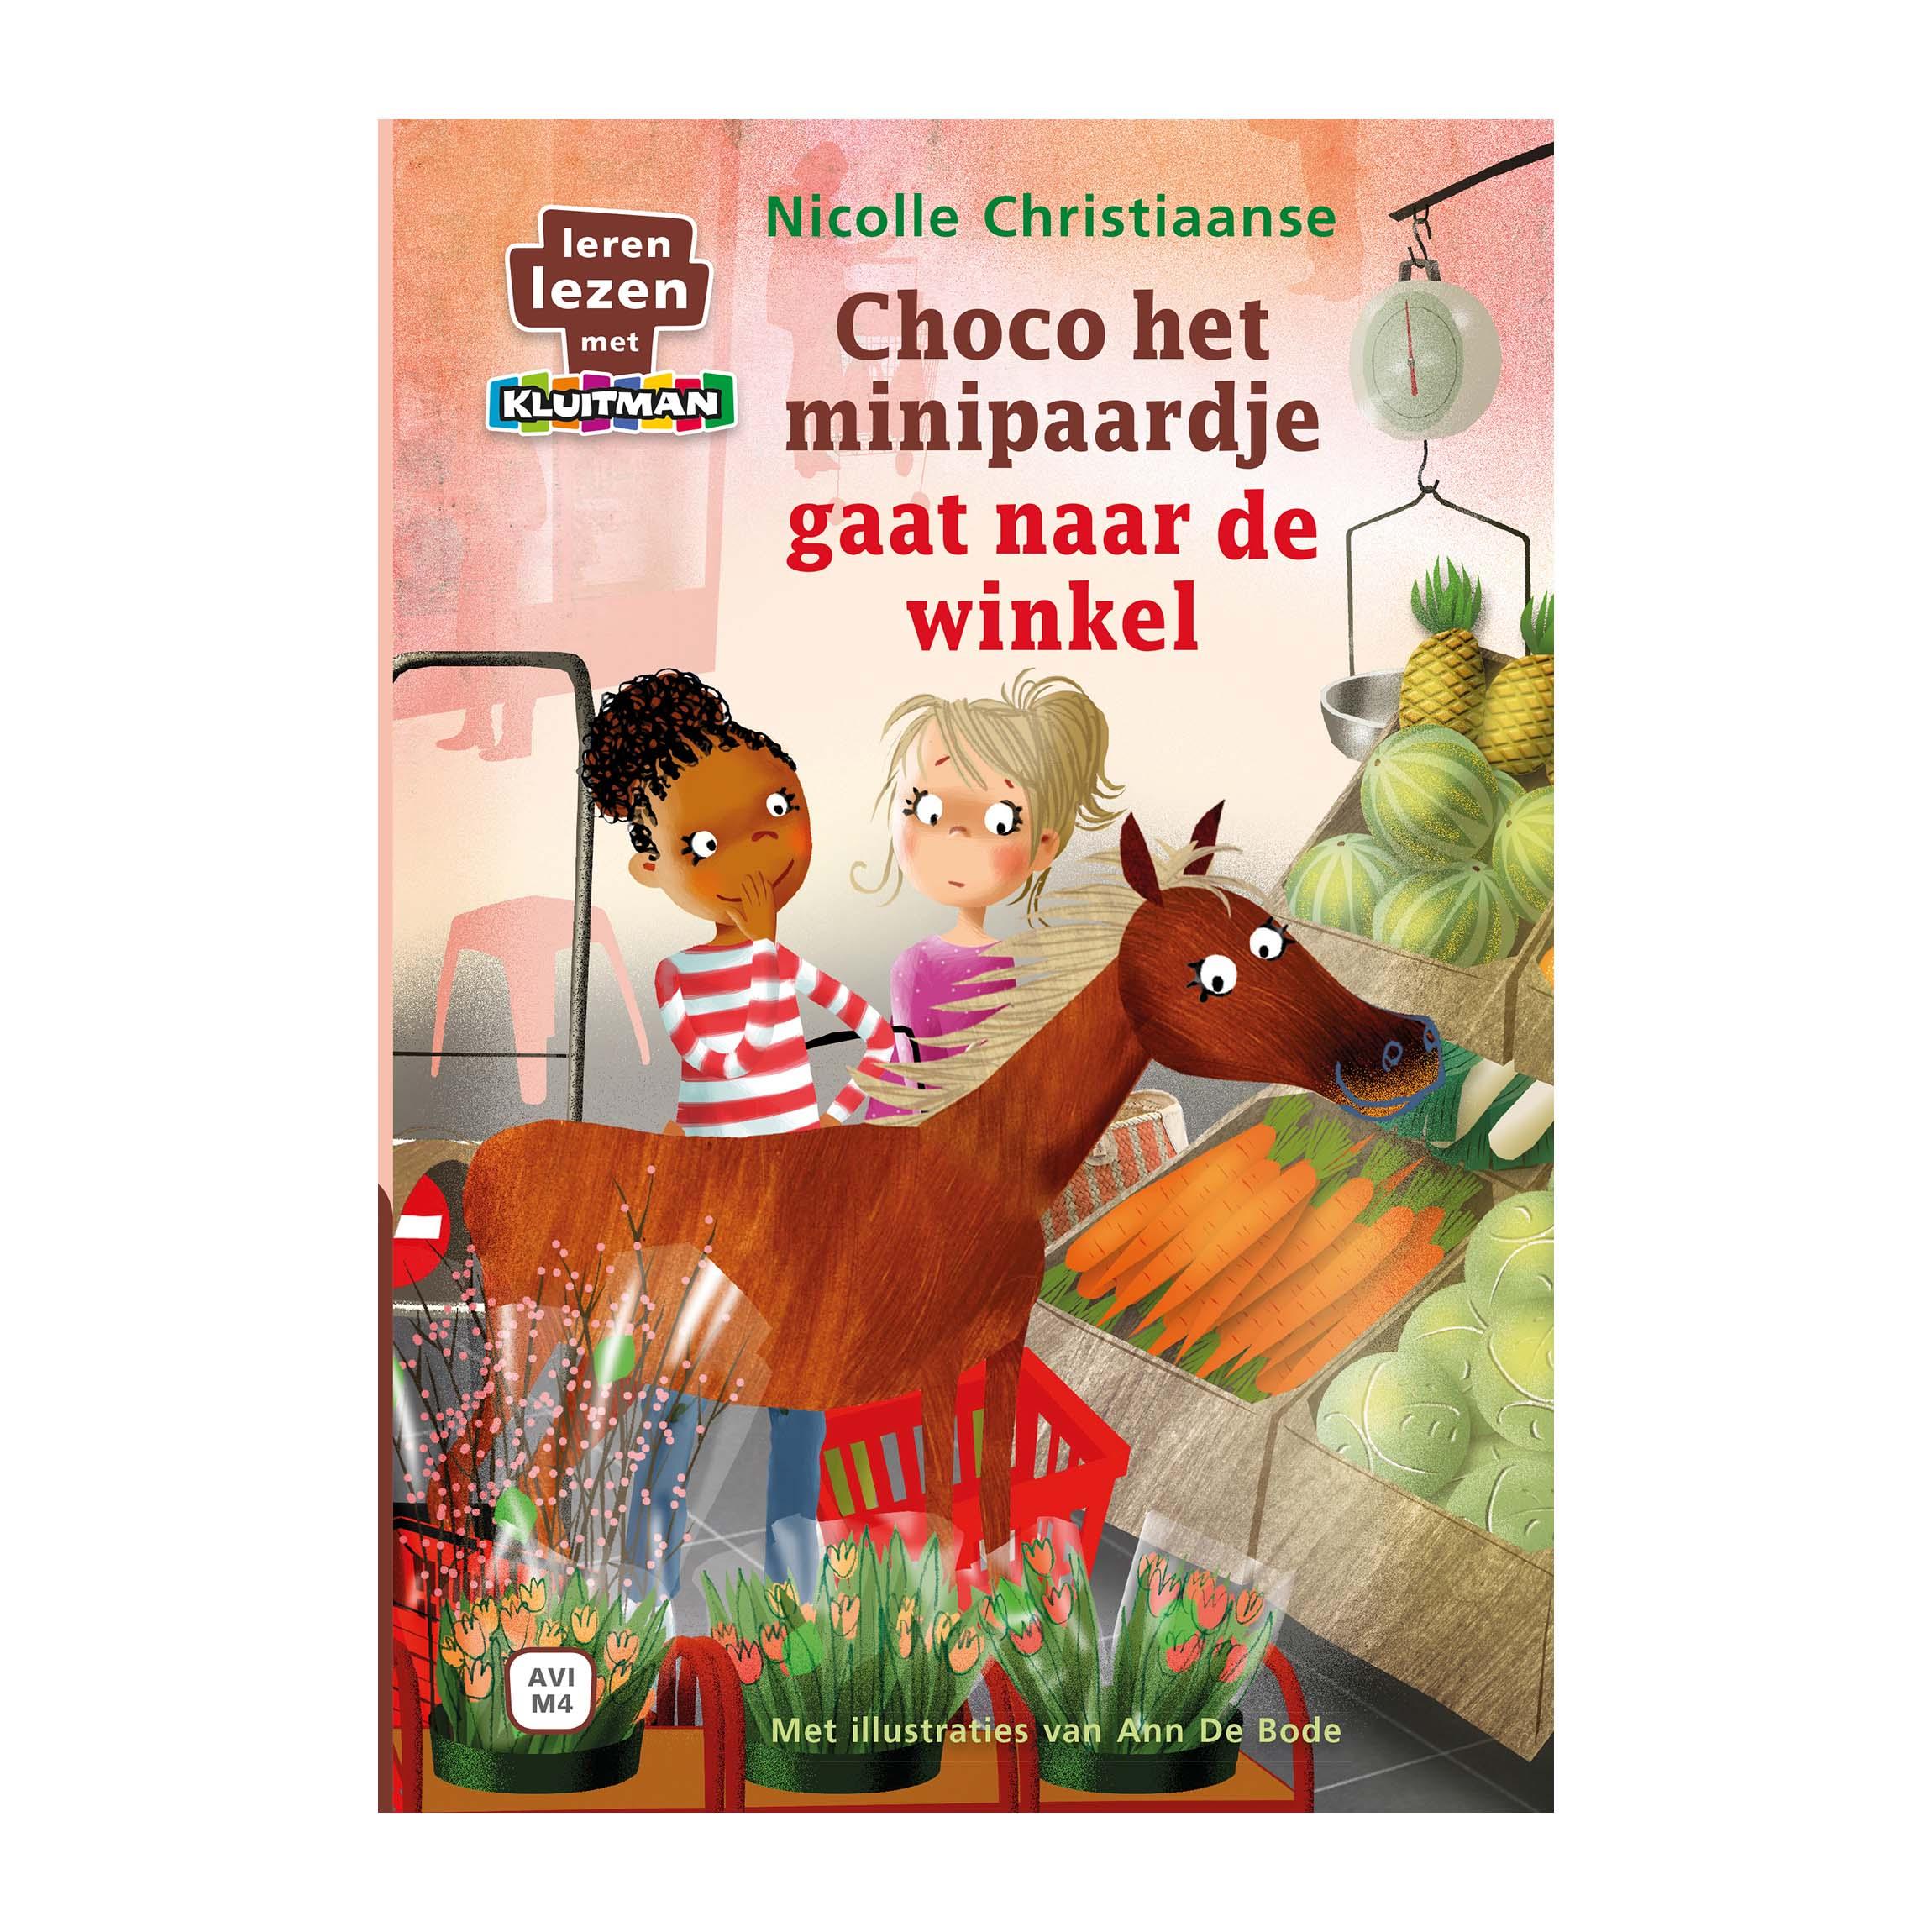 Afbeelding van Boek AVI M4 Choco Gaat Naar De Winkel Leren Lezen Met Kluitman